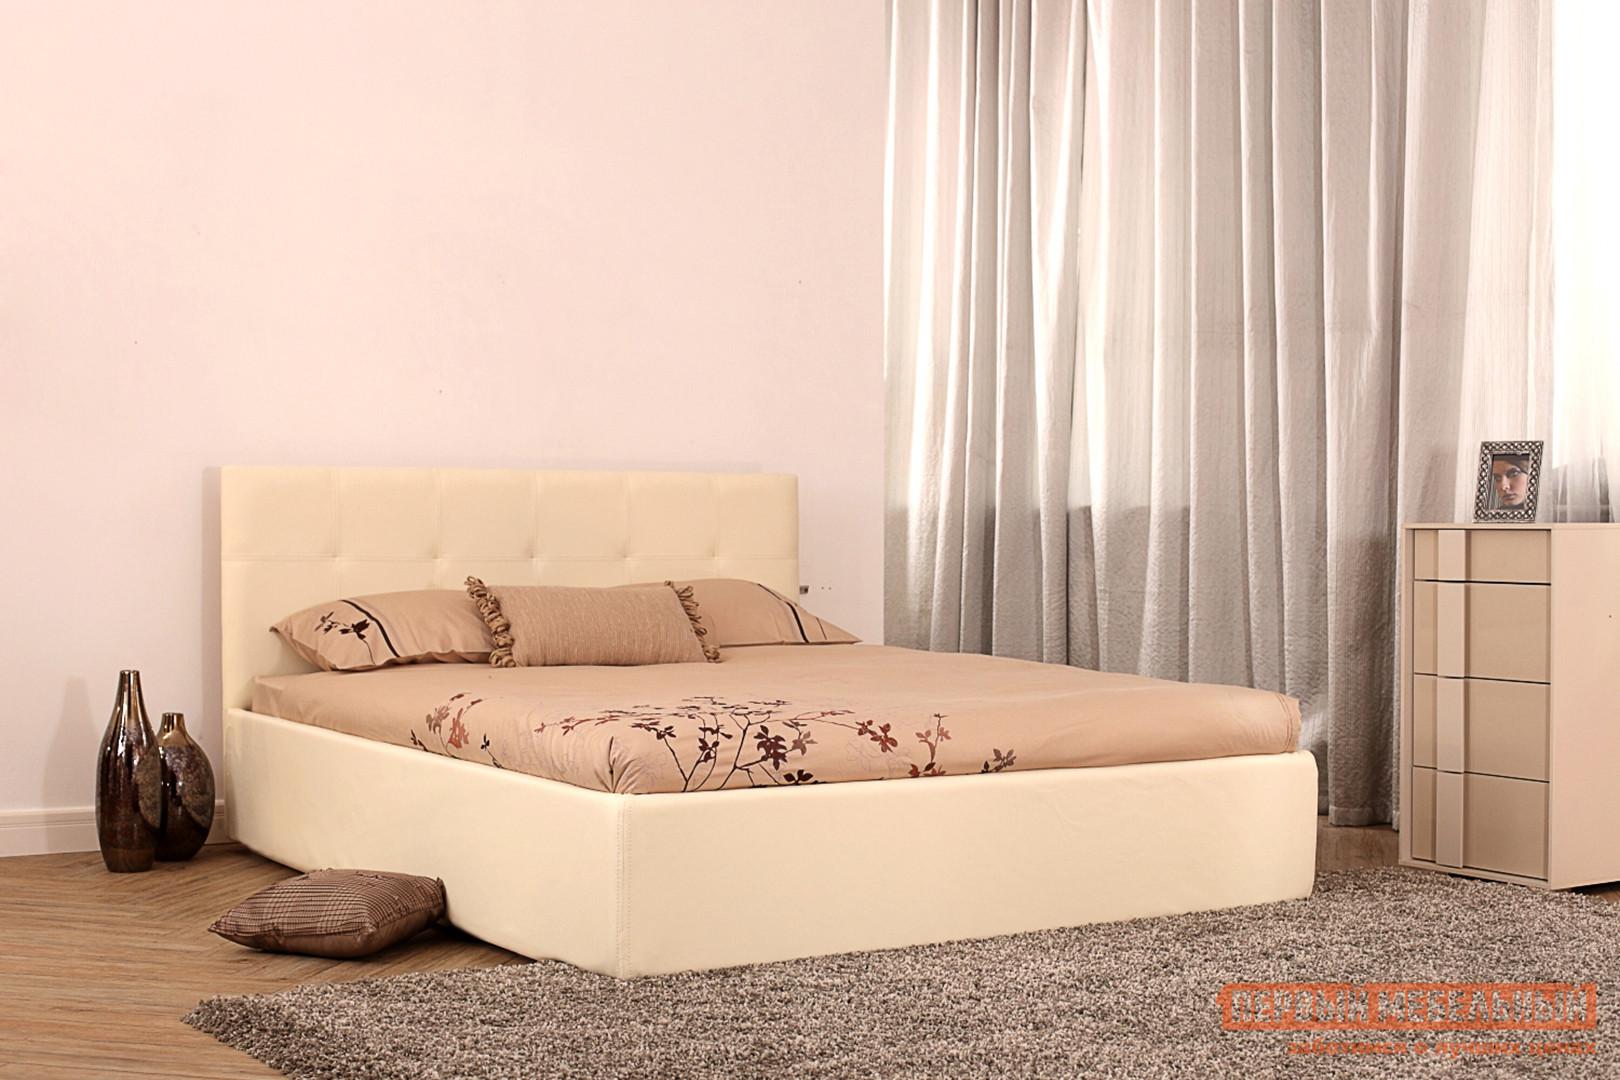 Двуспальная кровать Первый Мебельный Кровать Монако 140х200, 160х200, 180х200 кровать амели 180х200